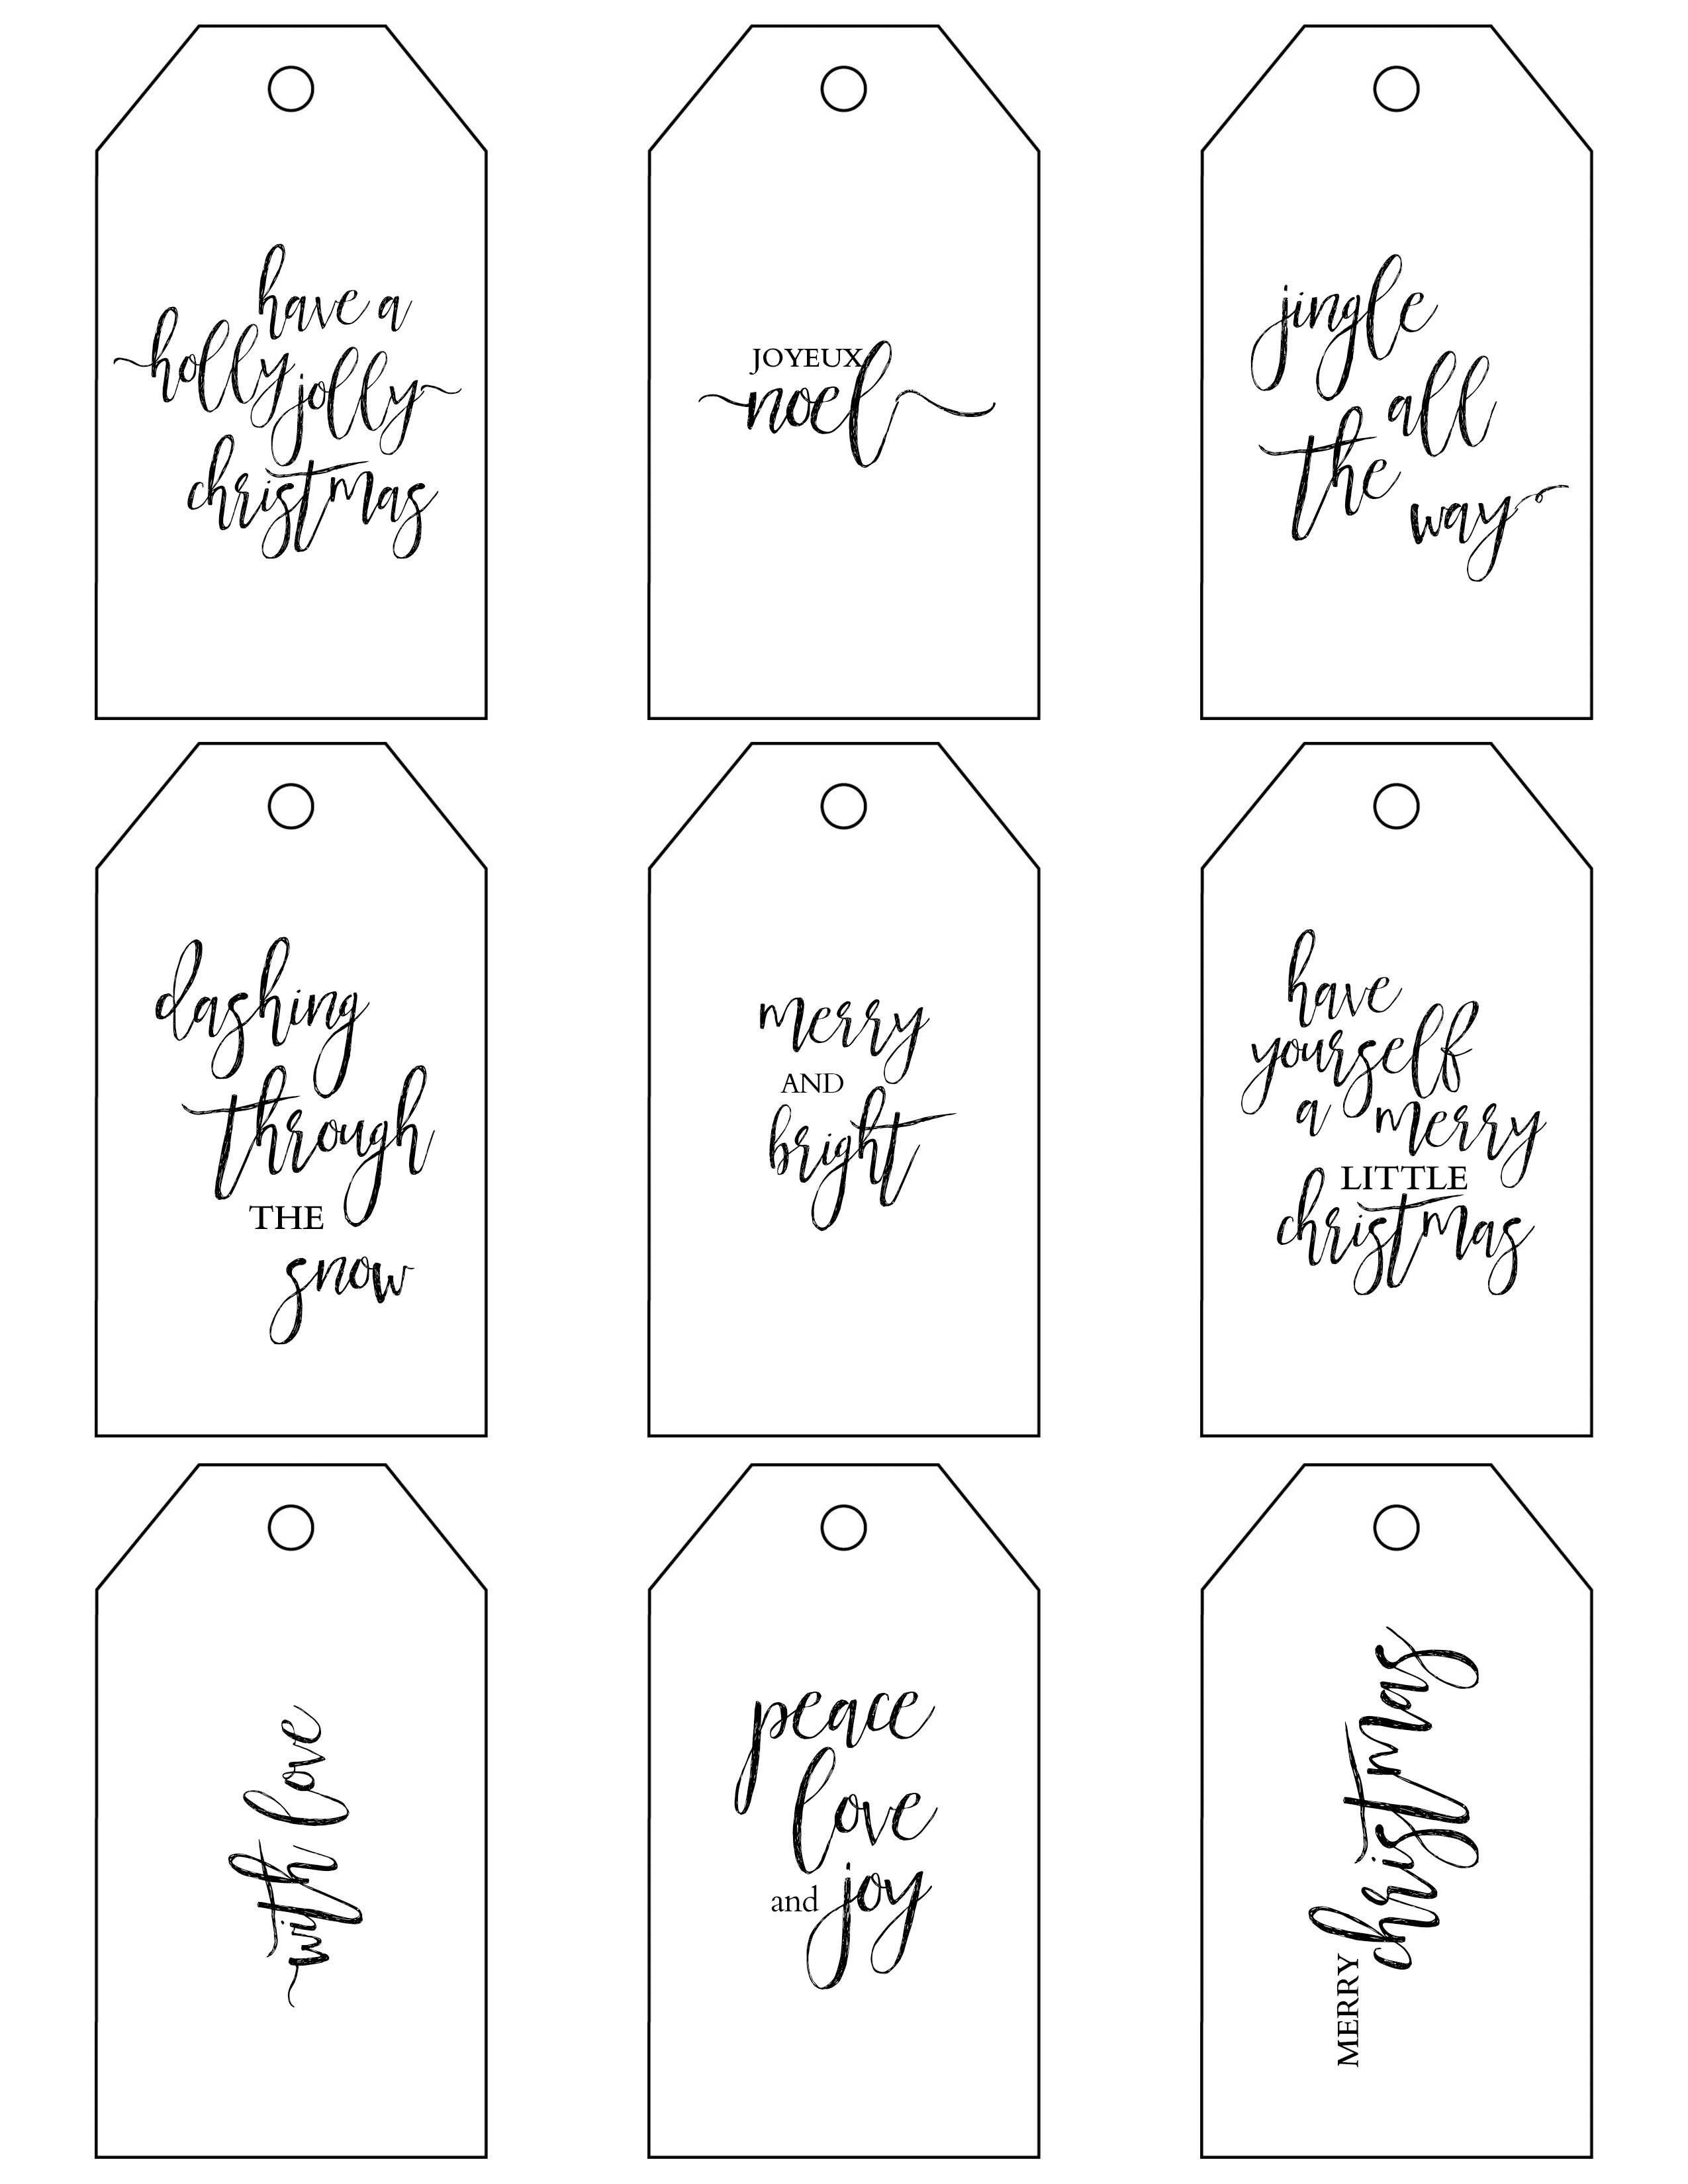 Printable Christmas Gift Tags Make Holiday Wrapping Simple - Free Printable Christmas Gift Tags